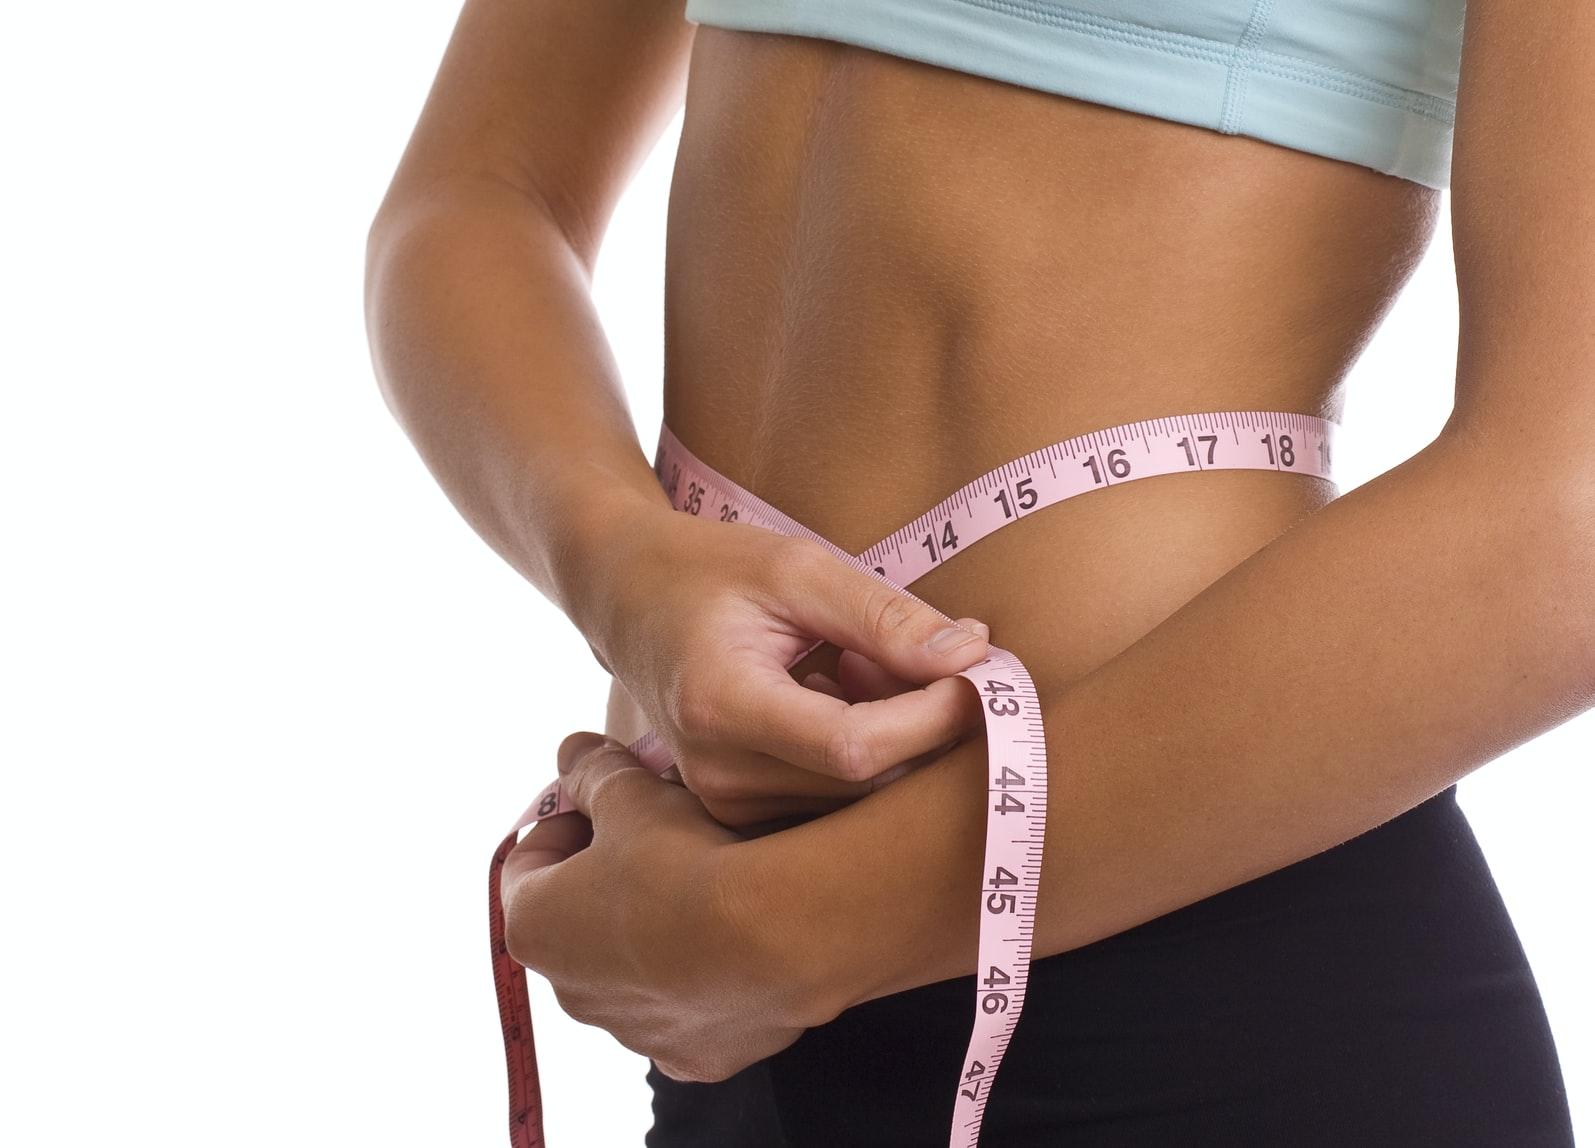 Интервальное питание: в чем его польза и насколько оно эффективно - фото 2